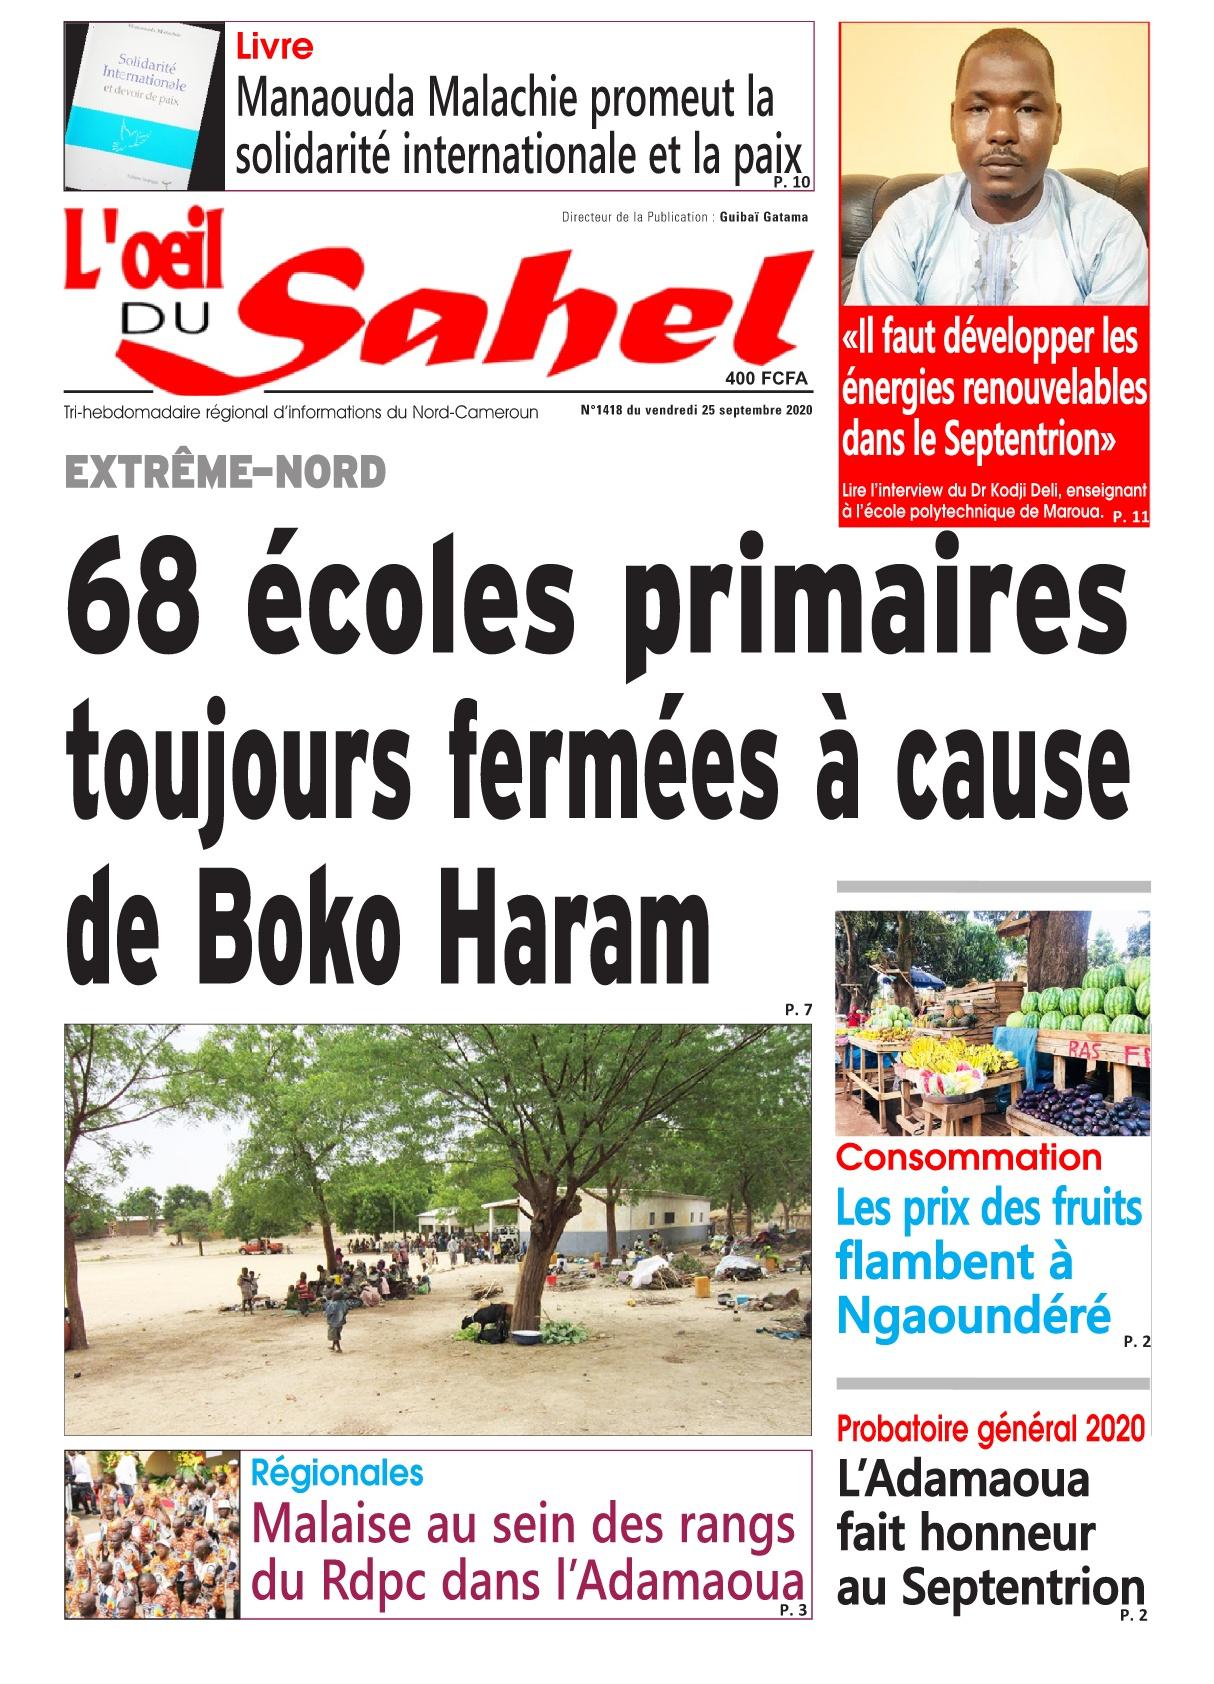 L'oeil du Sahel - 25/09/2020